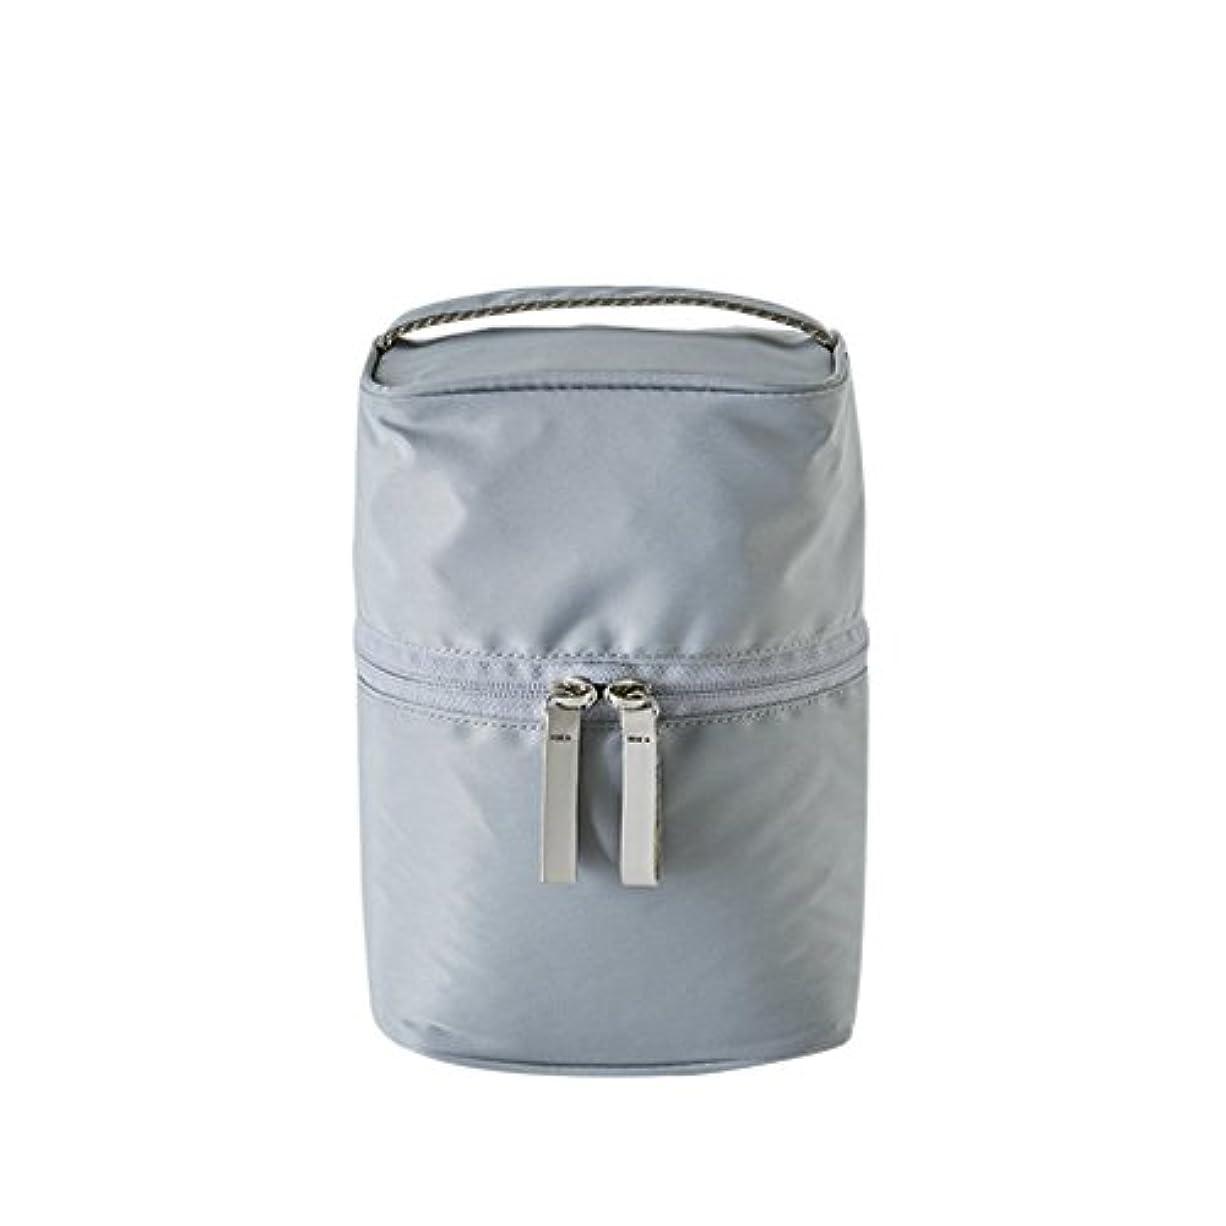 適合ブロックするインストールithinkso VERTICAL MAKE-UP BOX 縦に収納できるボックスタイプ化粧ポーチ 化粧水 トラベル 旅行 (グレー)